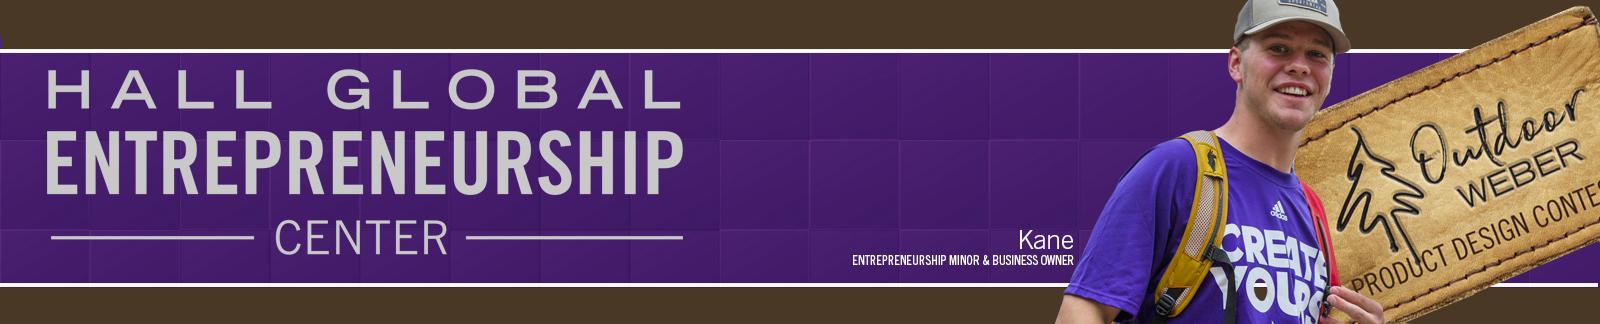 Hall Global Entrepreneurship Center, Kane Entrepreneurship Minor & business owner, Outdoor Weber Product Design Contest